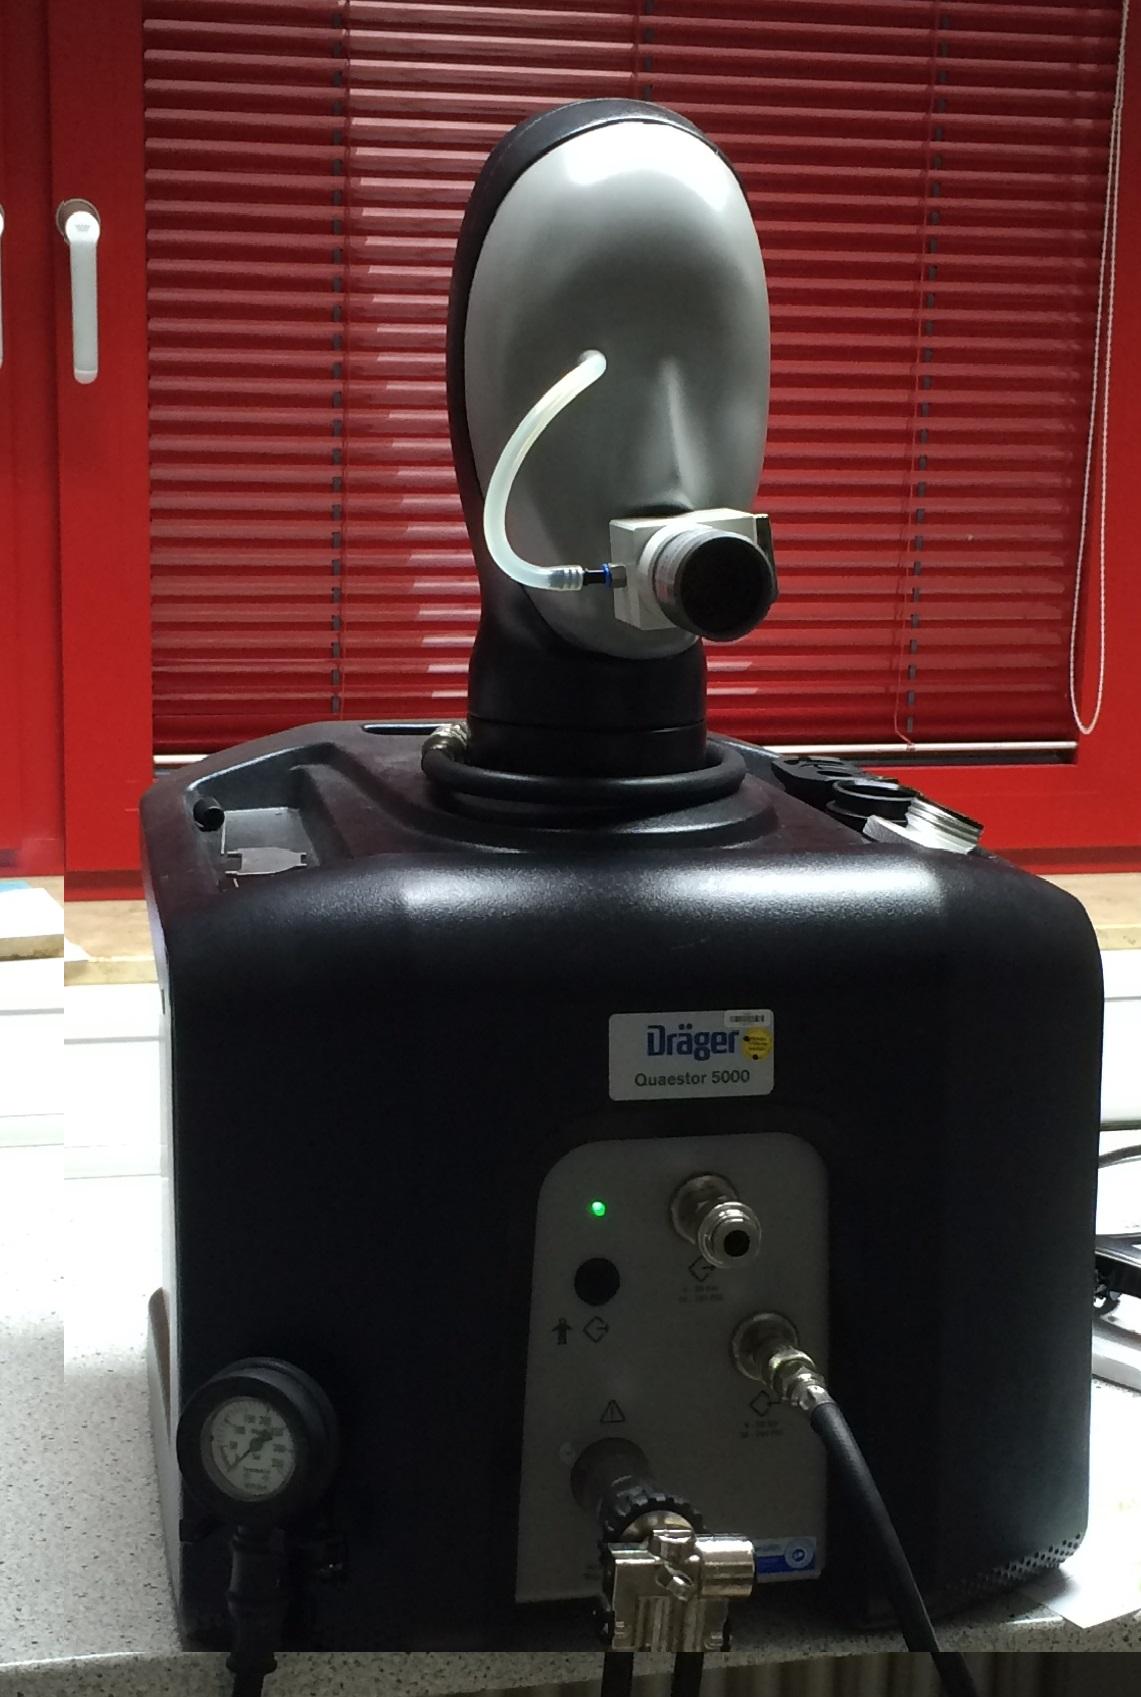 Prüfgerät Questor 5000